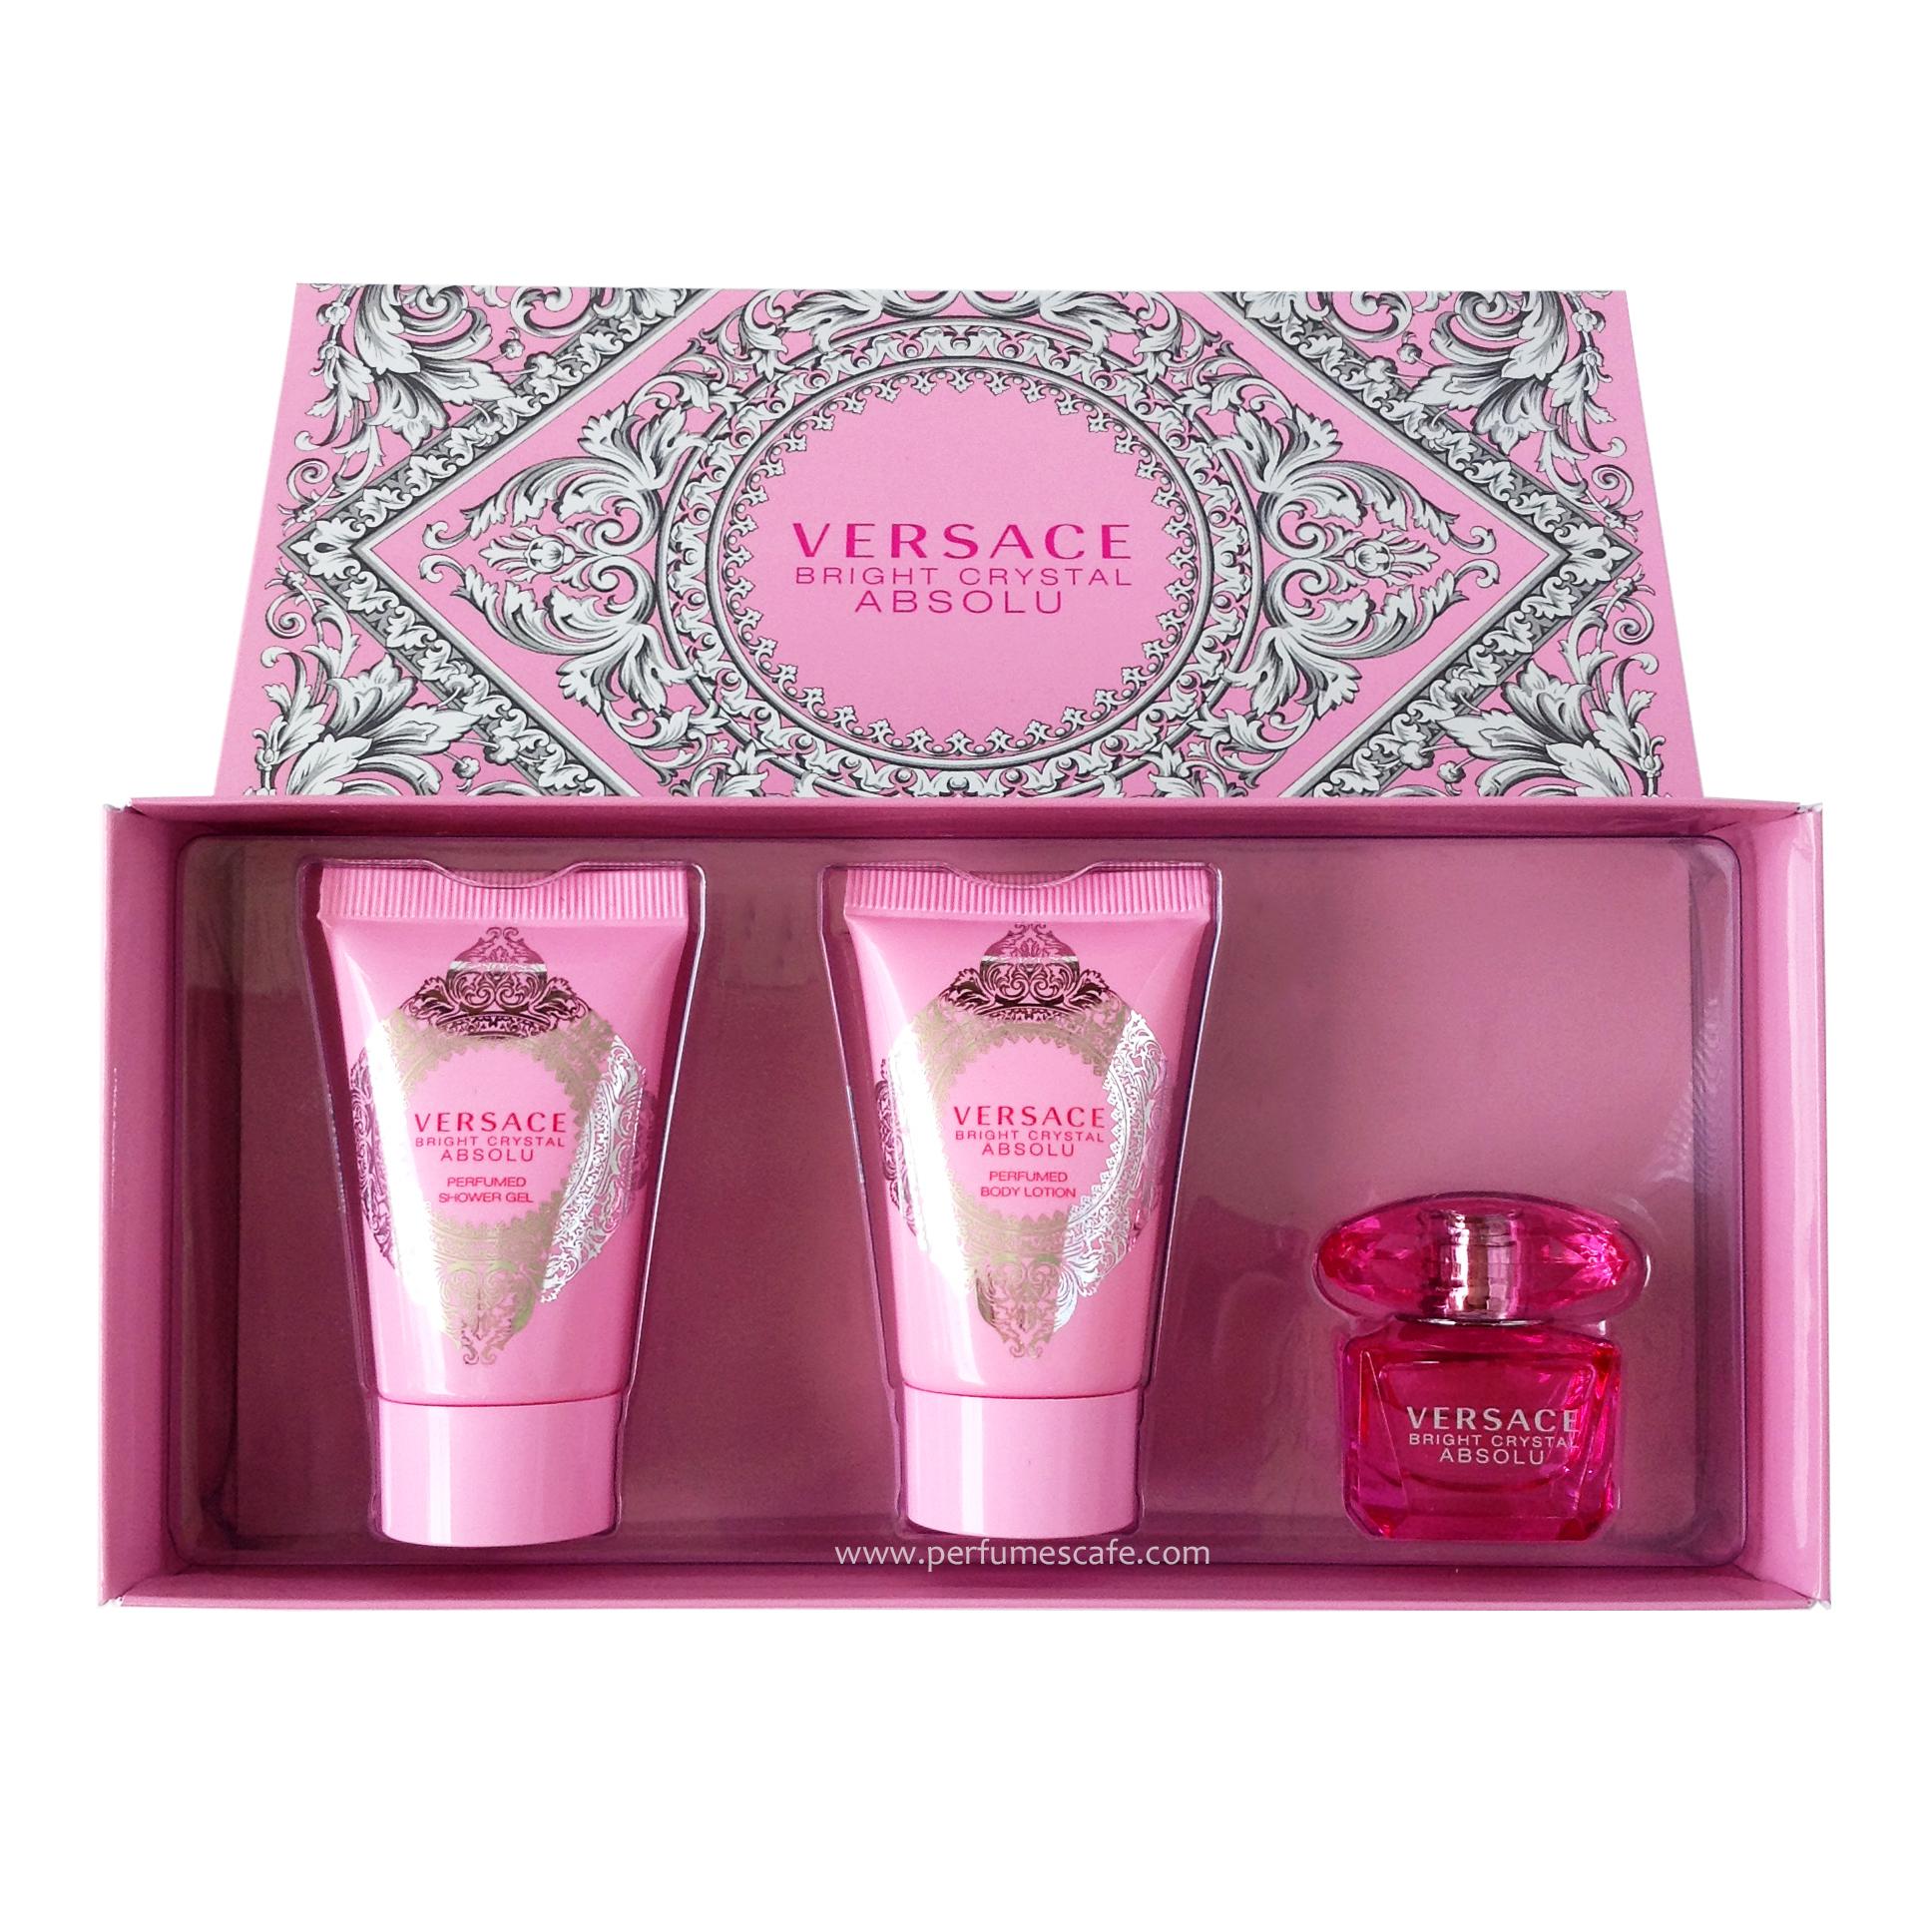 เซ็ตน้ำหอม Versace Bright Crystal Absolu Mini Gift Set